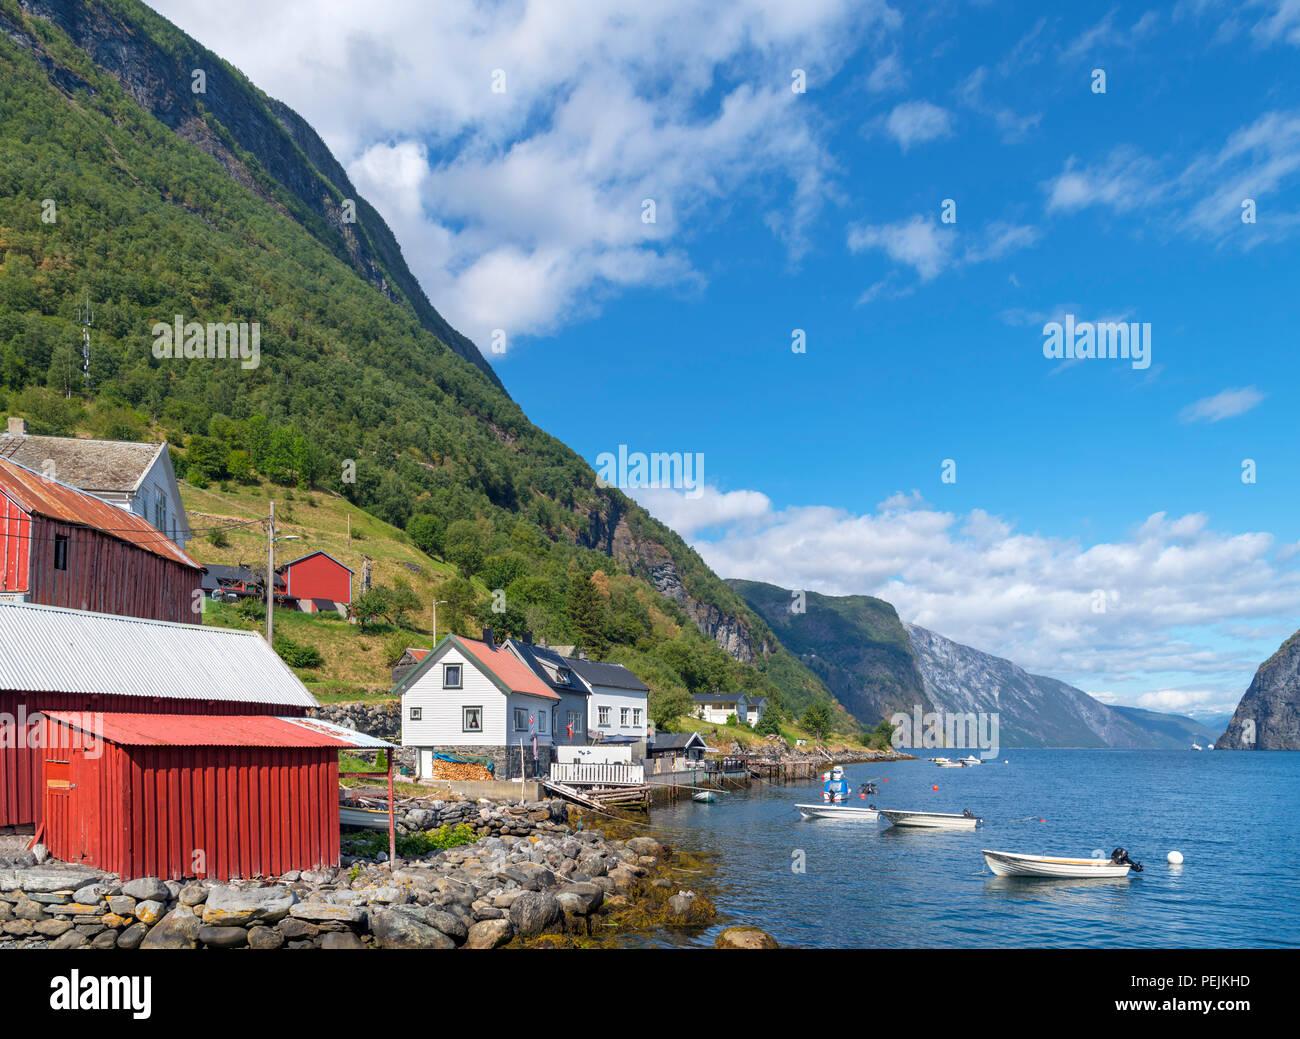 Waterfront in Undredal, Aurlandsfjord, Sognefjord, Sogn og Fjordane, Norway - Stock Image